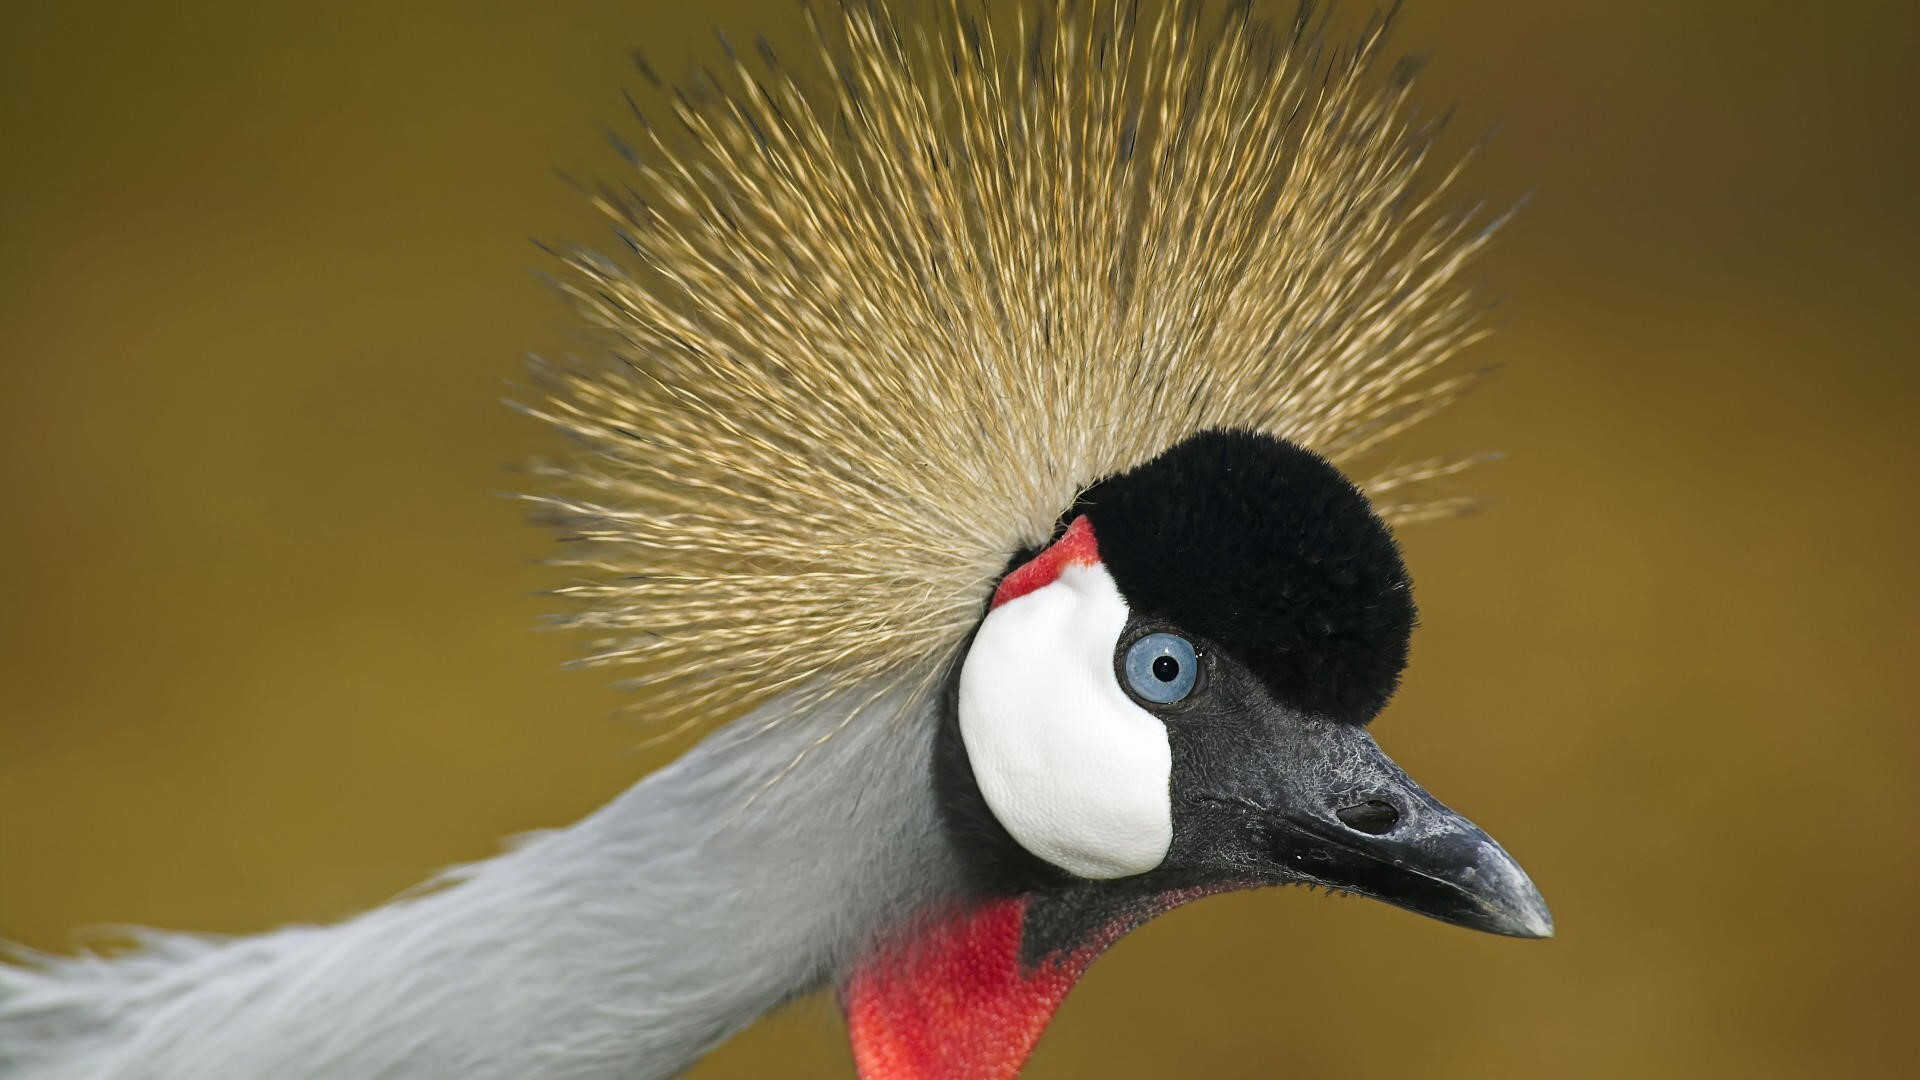 bird grey crowned crane face closeup hd wallpaper